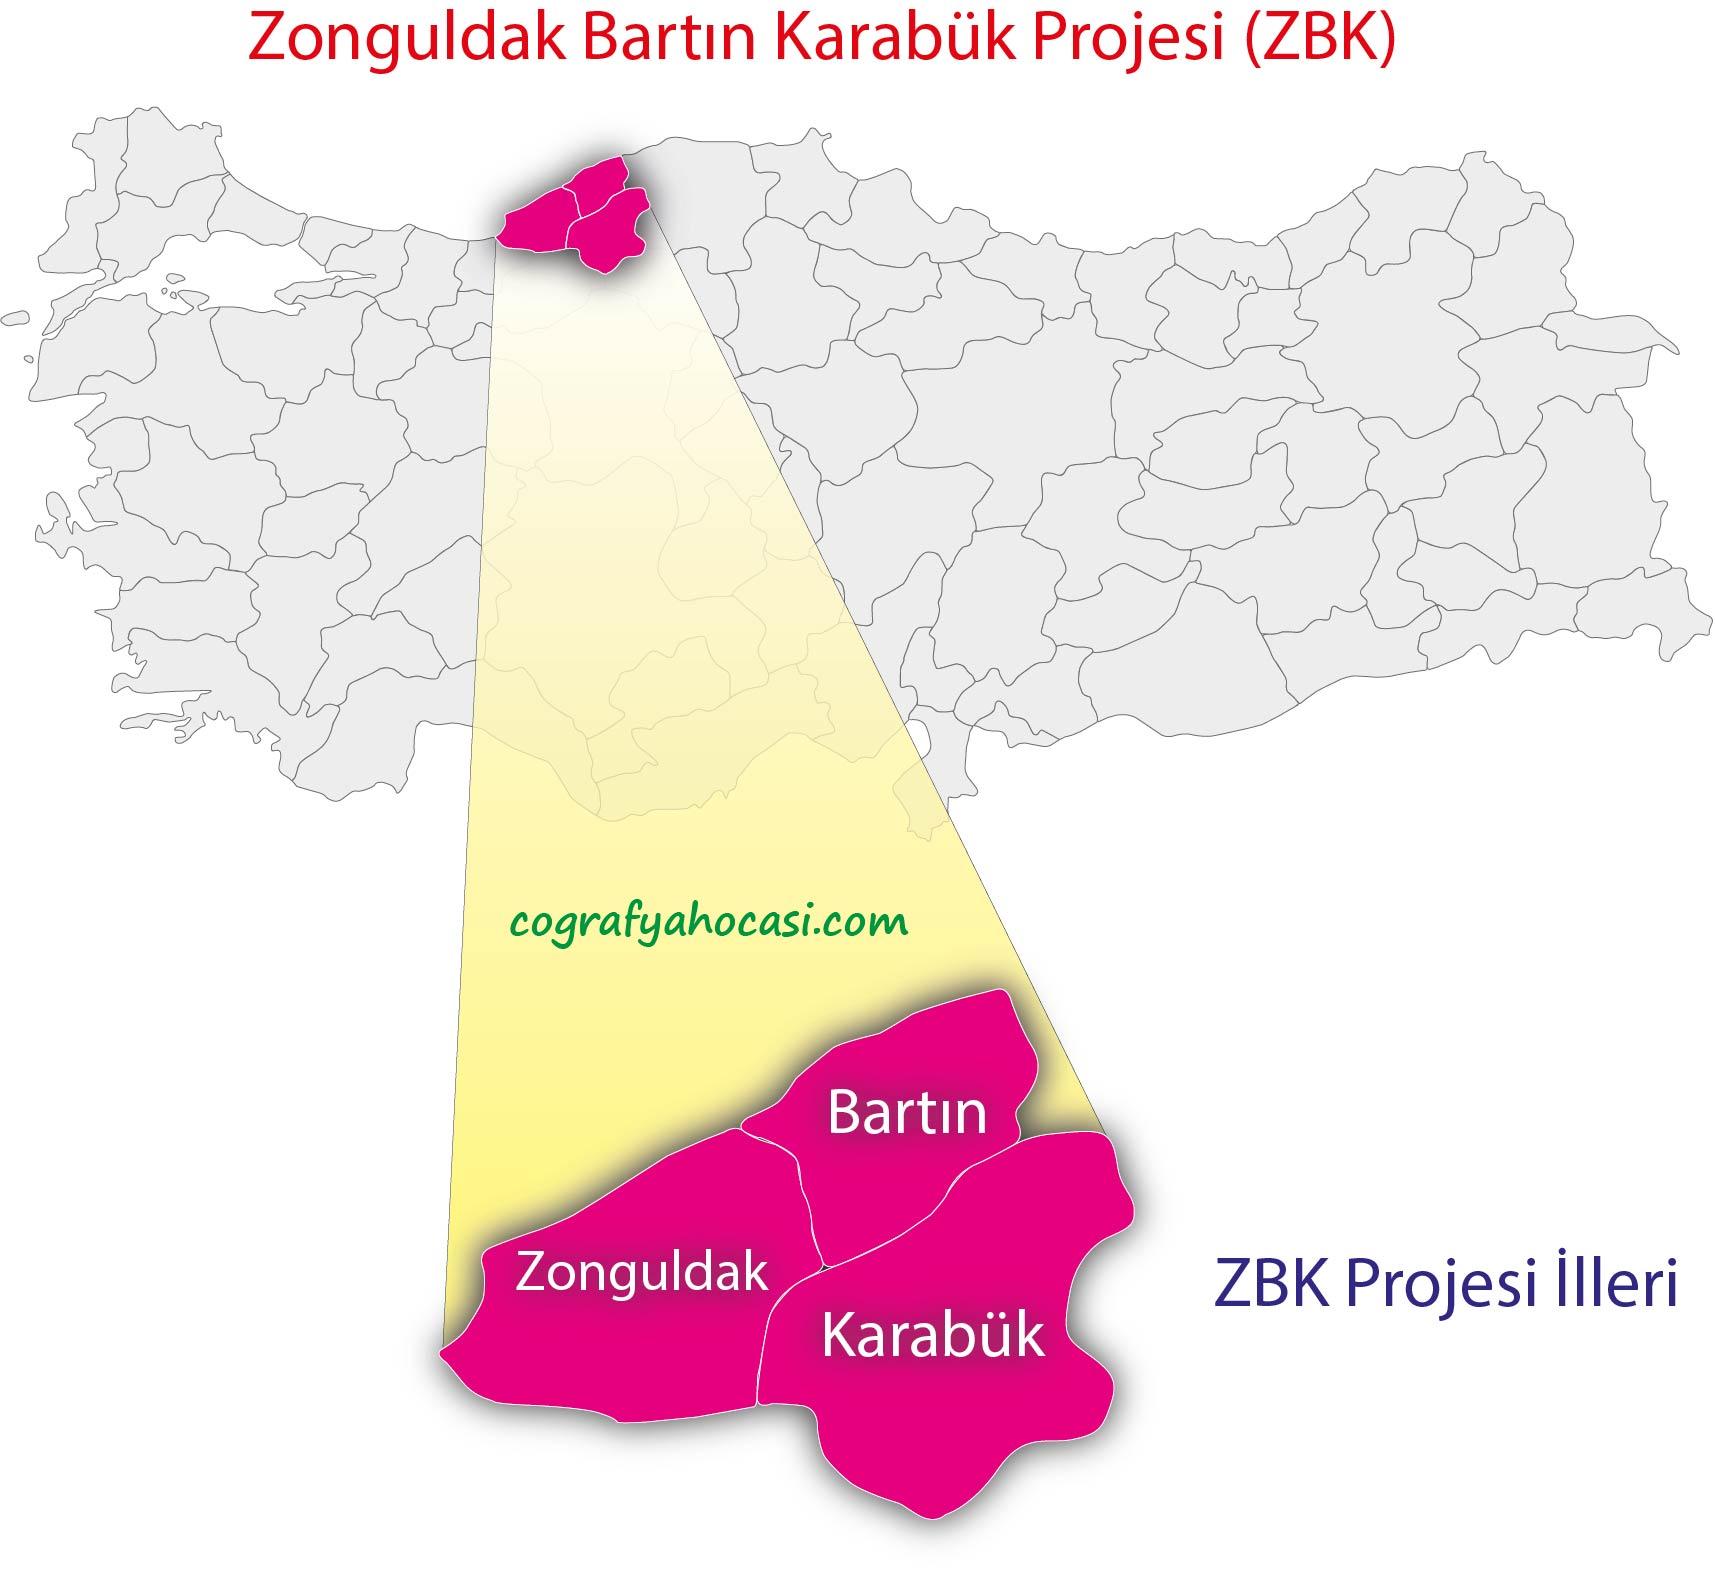 Zonguldak Bartın Karabük Projesi Harita